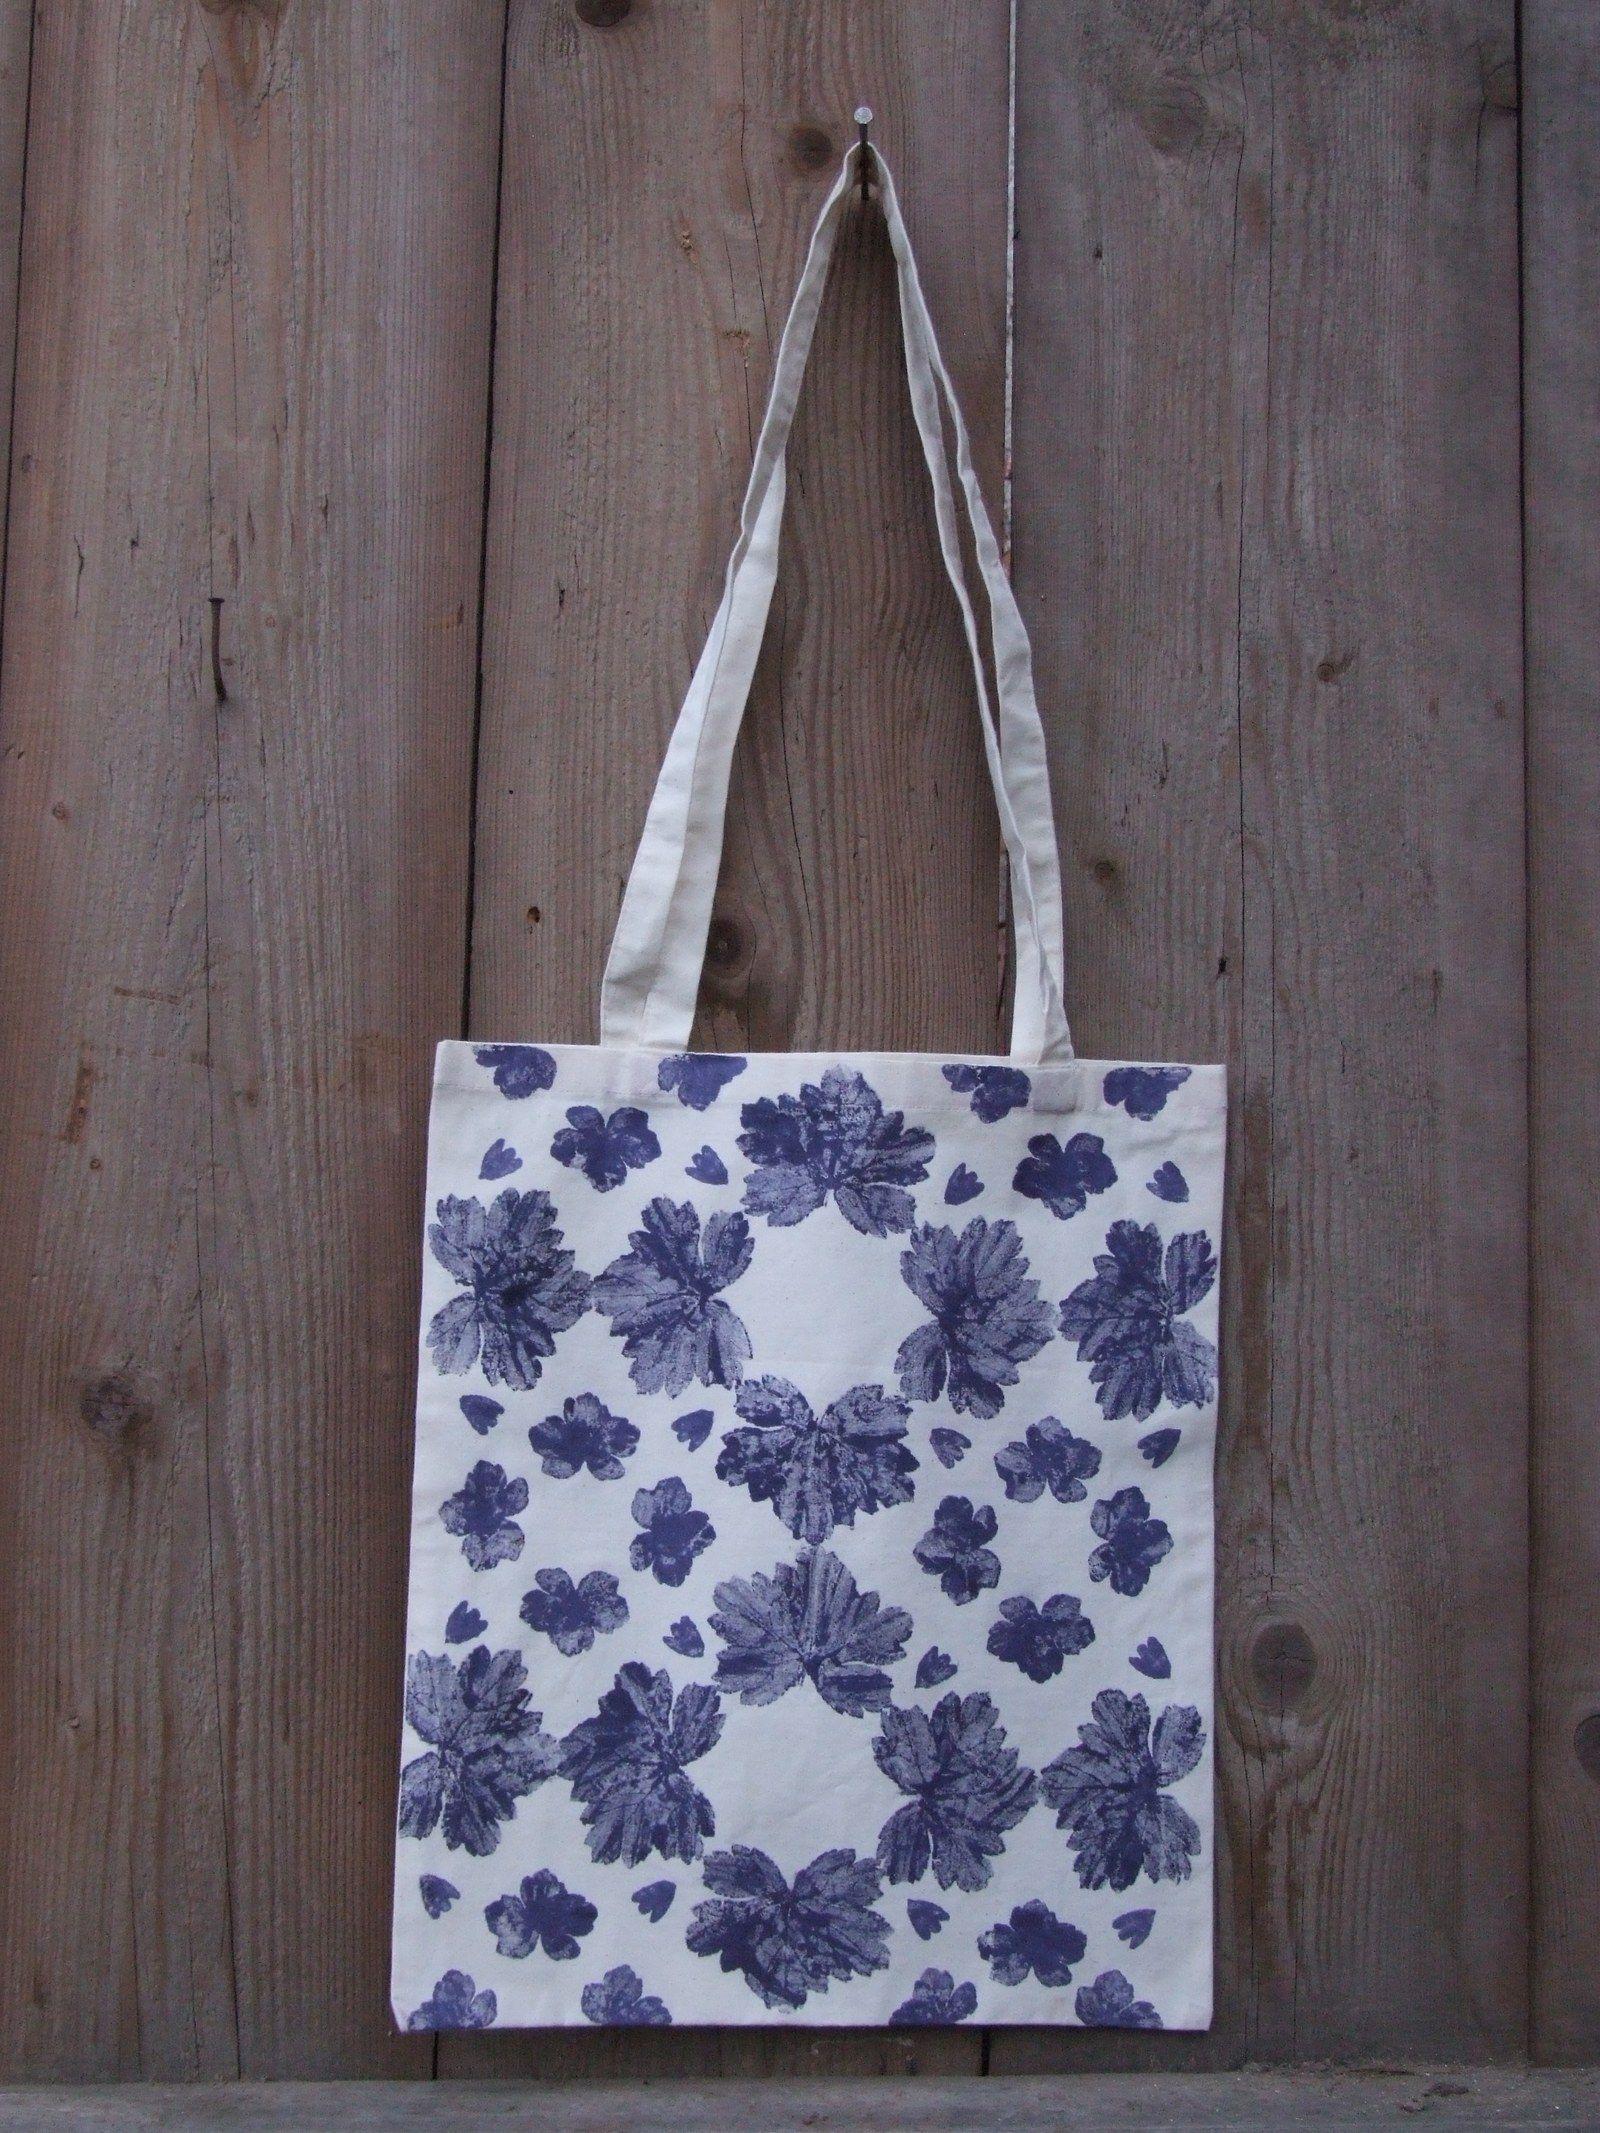 8bff0bbc9 Taška Kachlík modrobílý Plátěná taška ze 100% bavlny zdobená autorským  ručním potiskem - Listogramem.